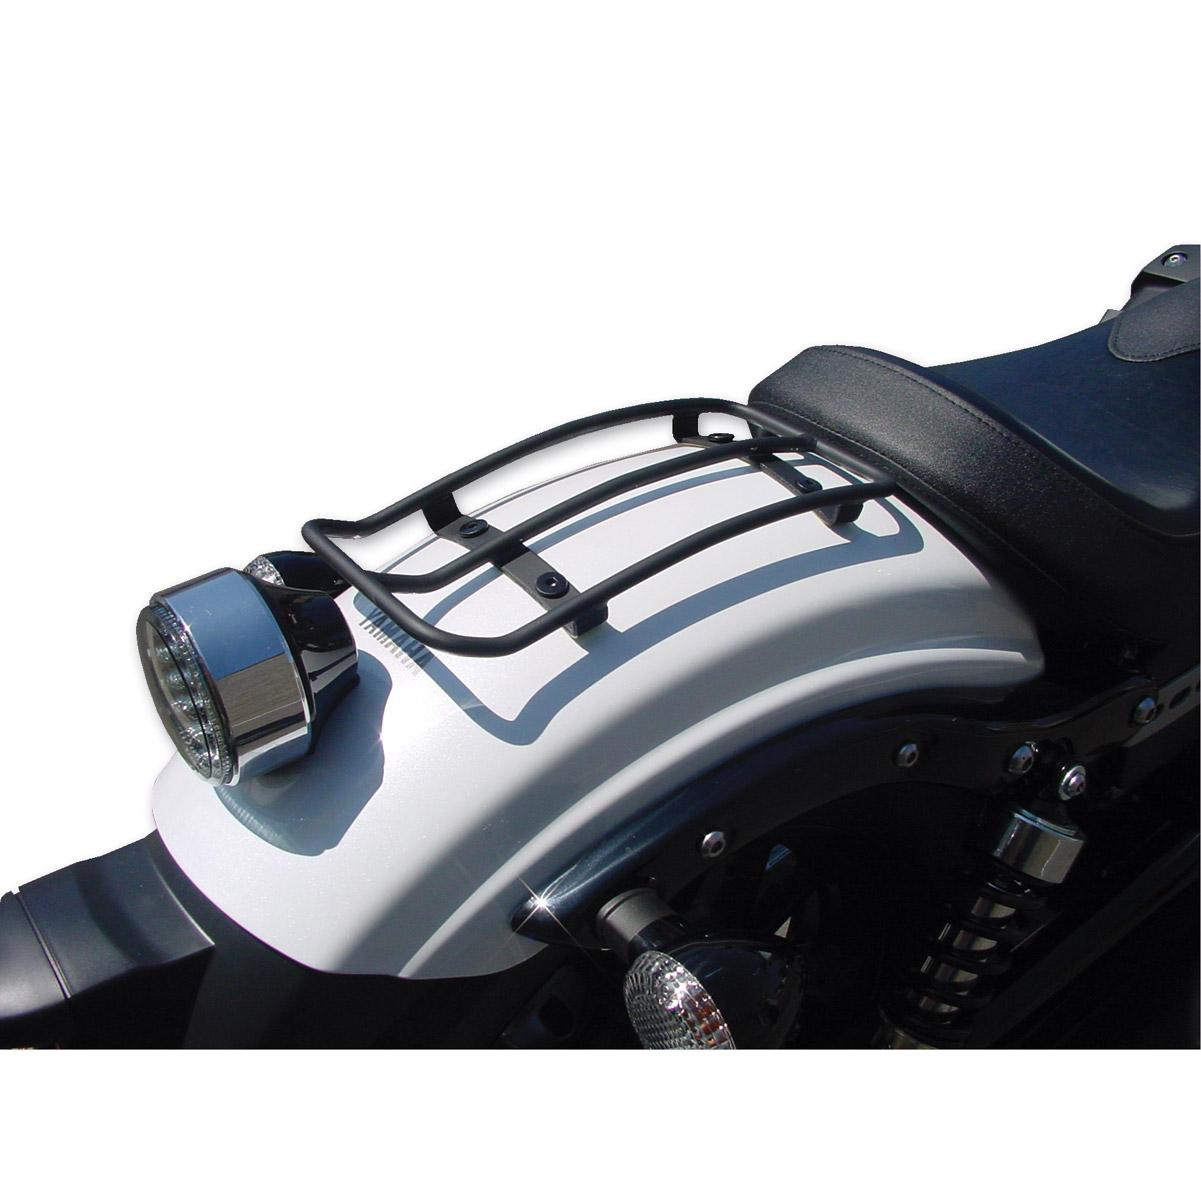 Mc Enterprises Black Rear Fender Mini Rack